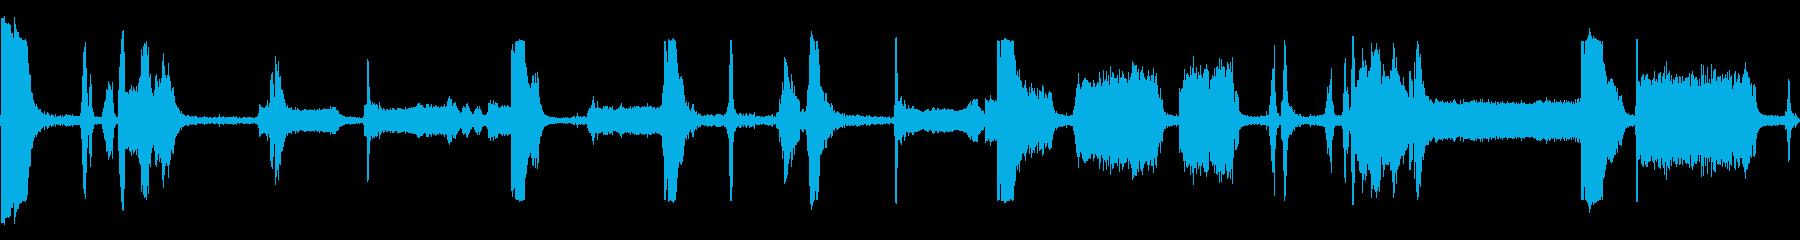 モーター油圧リフトのストレスの再生済みの波形